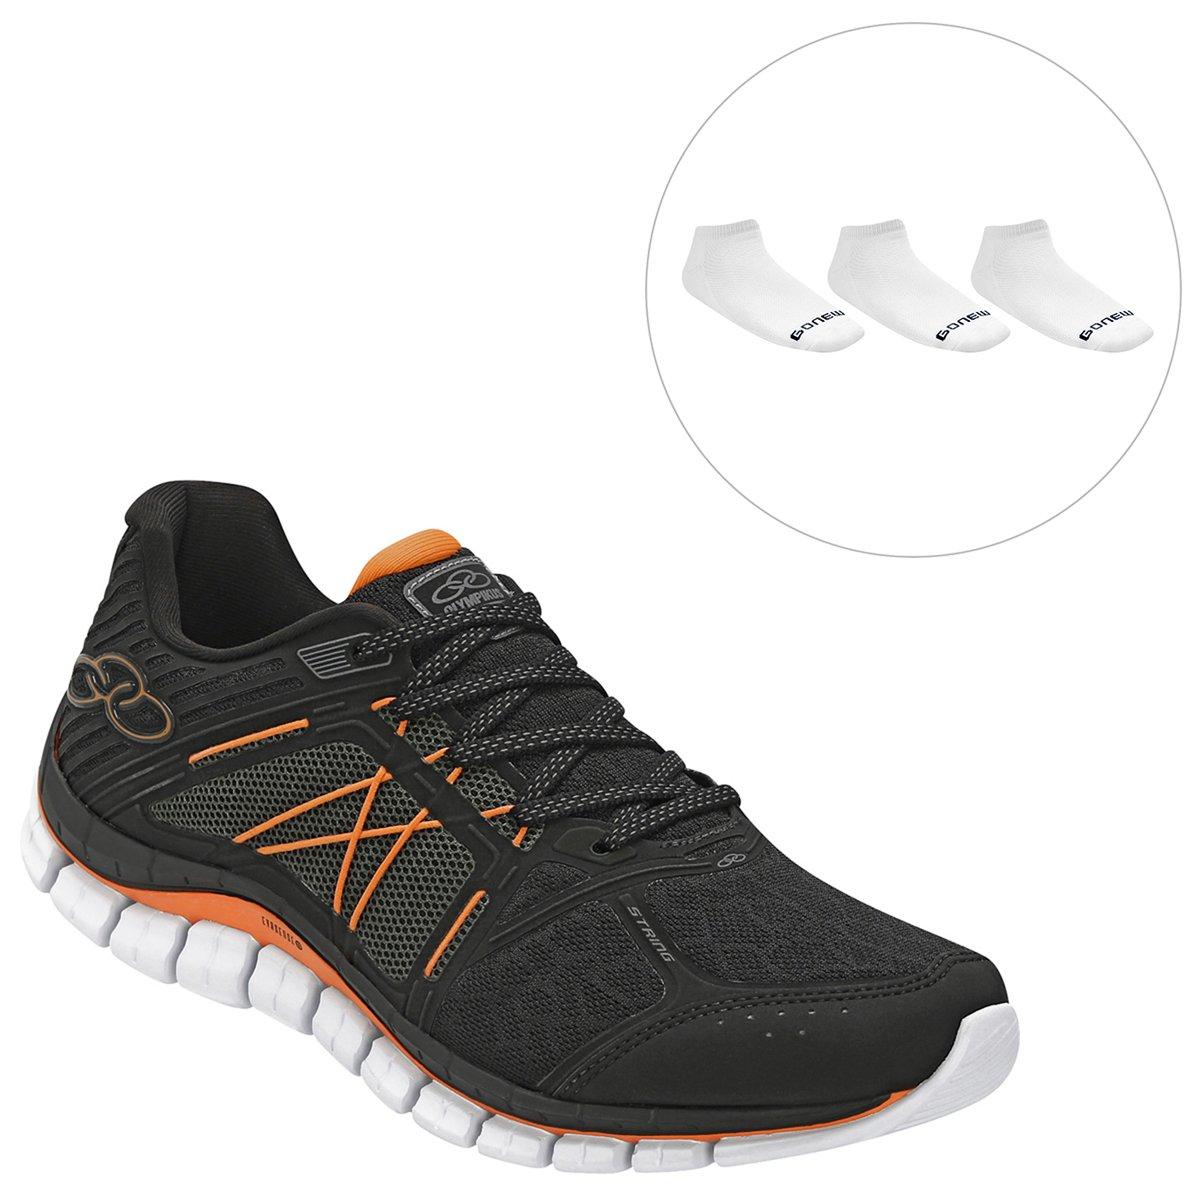 6fde644e99b Kit Tênis Olympikus Masculino para treino + Pacote c  3 Pares de Meias -  Compre Agora